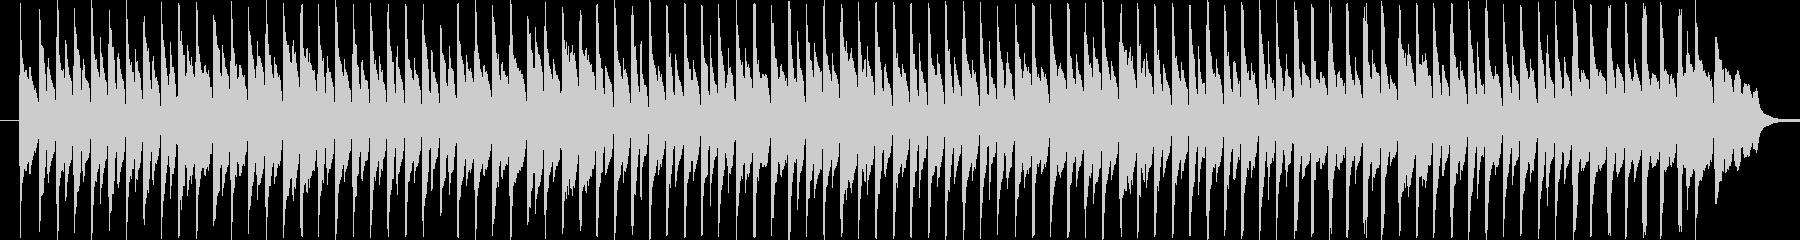 子供の動画向きのトイピアノ風BGMの未再生の波形